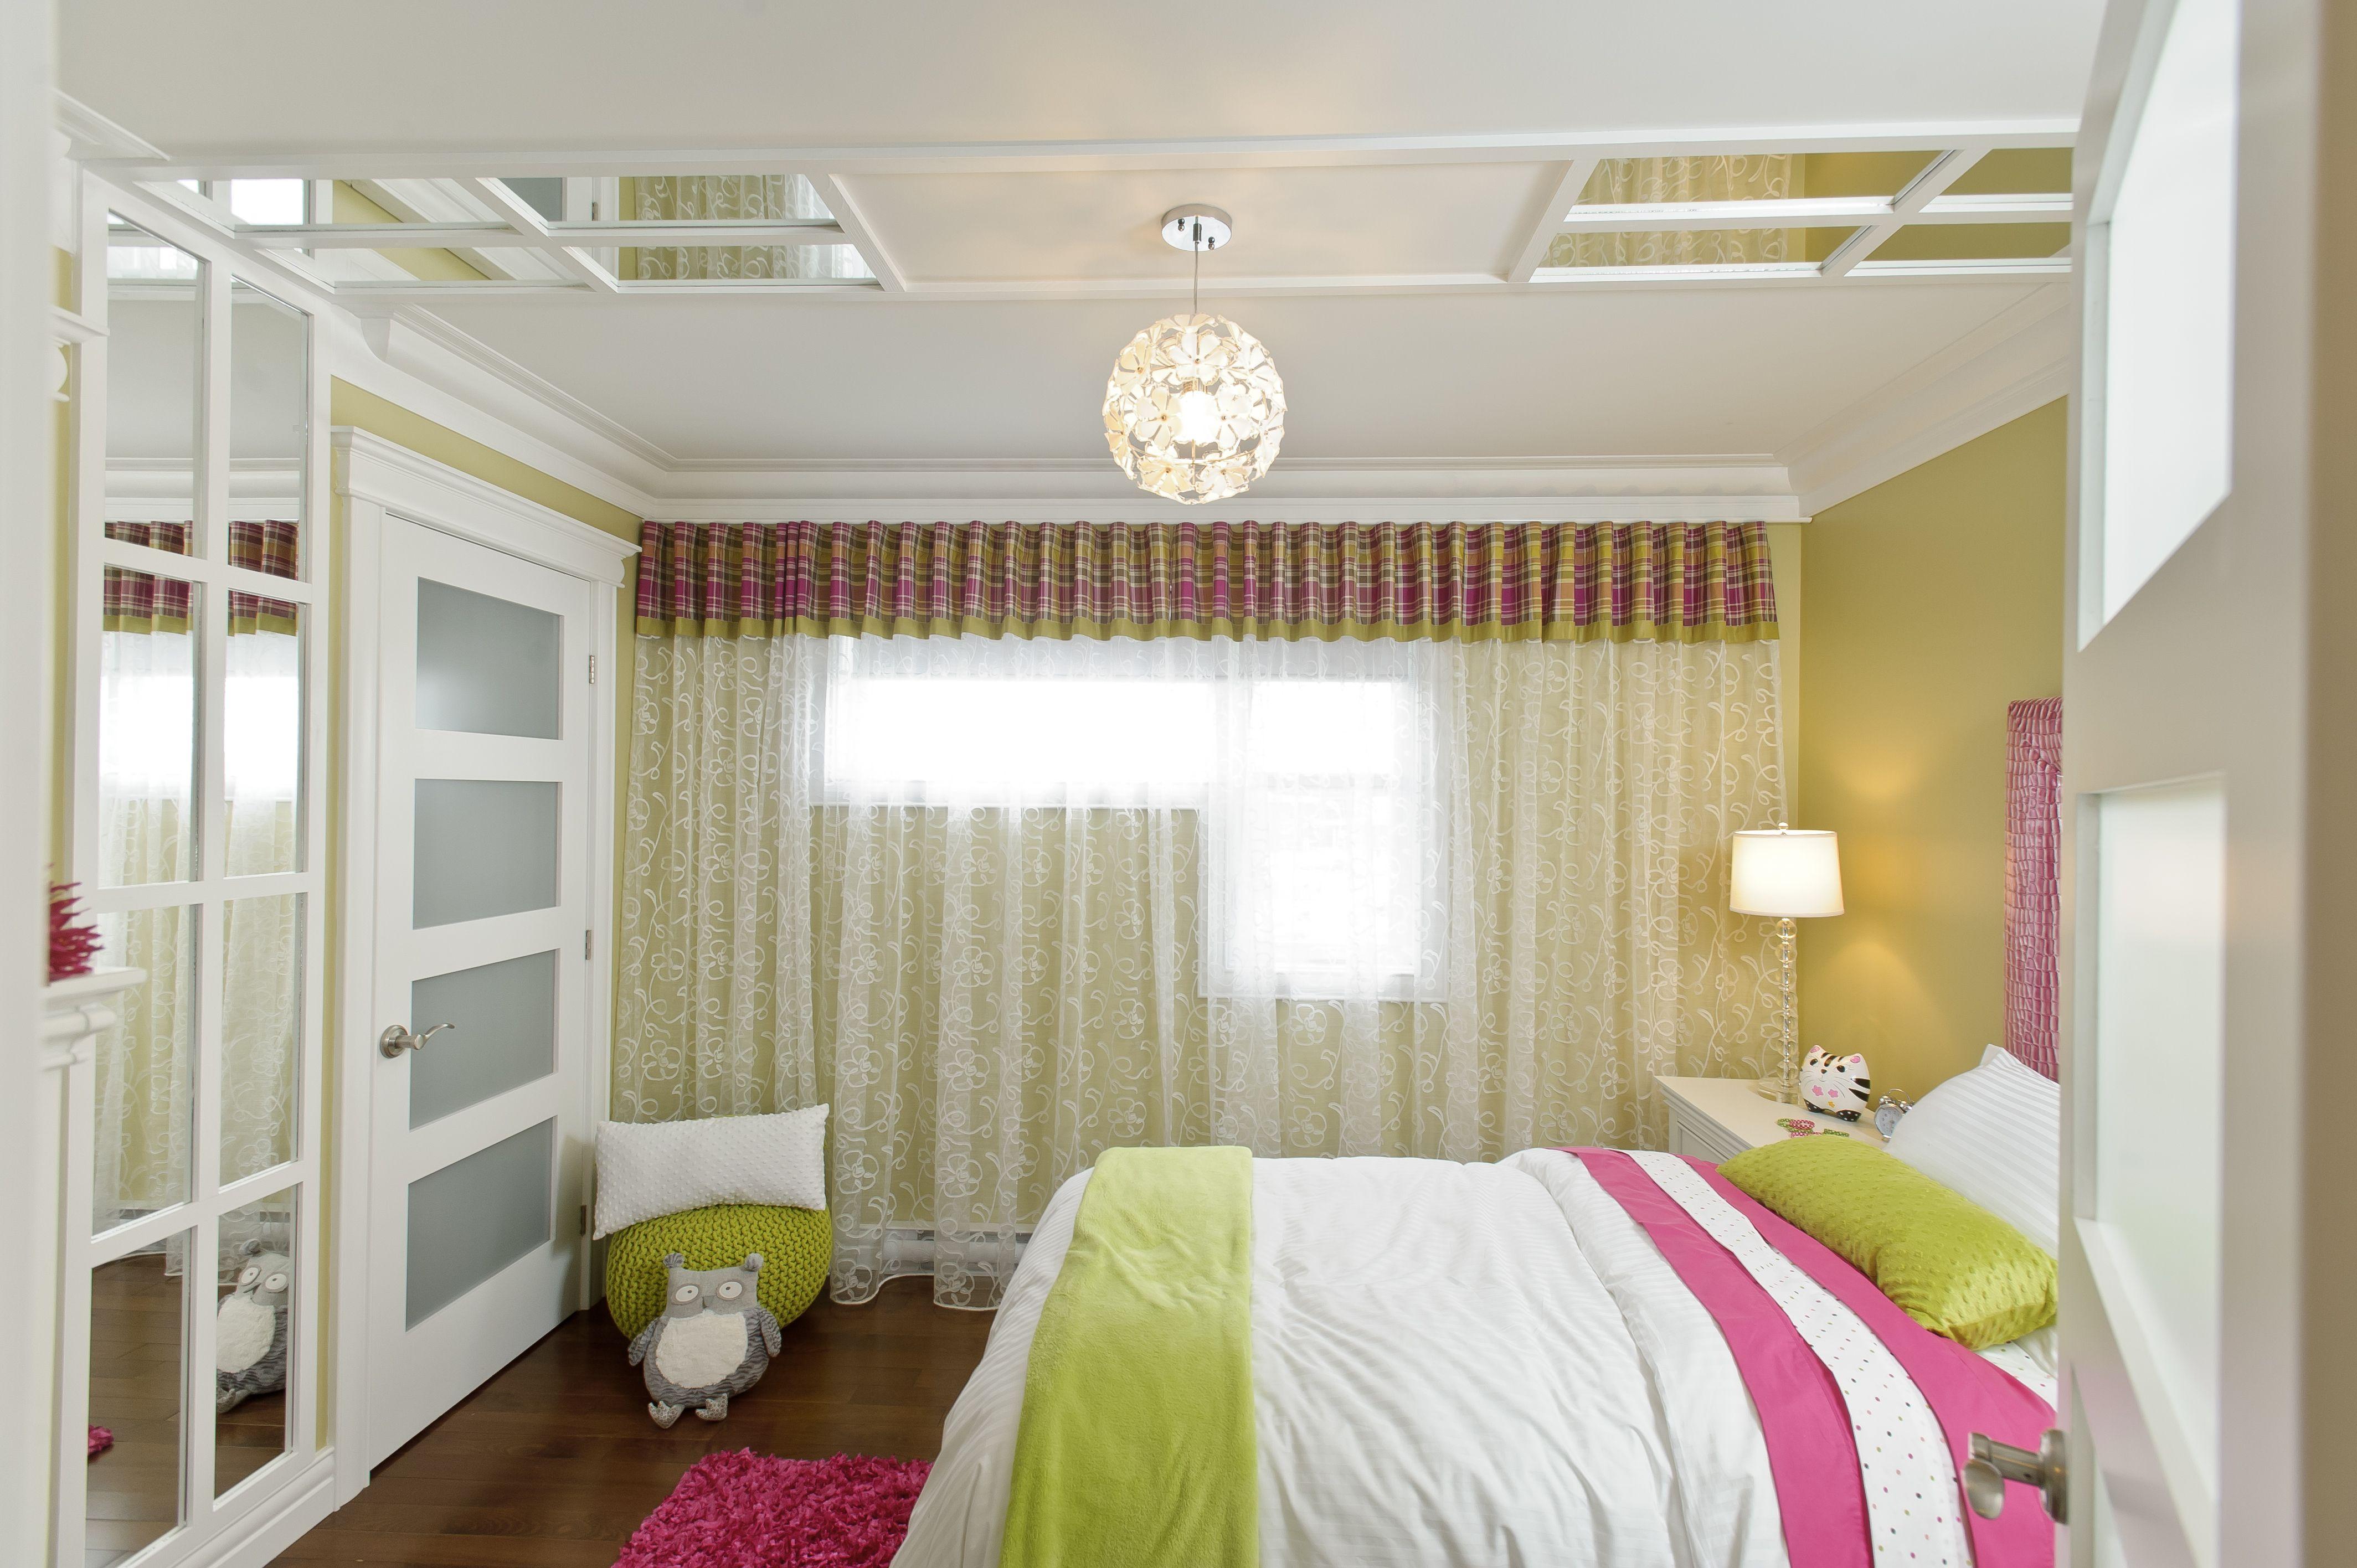 Concept Creatif De Plafond Pour Une Chambre D Enfant Moulure Miroir Plafond Enfant Creative Ceiling Concept For Kids Bedroo Home Decor Home Furniture